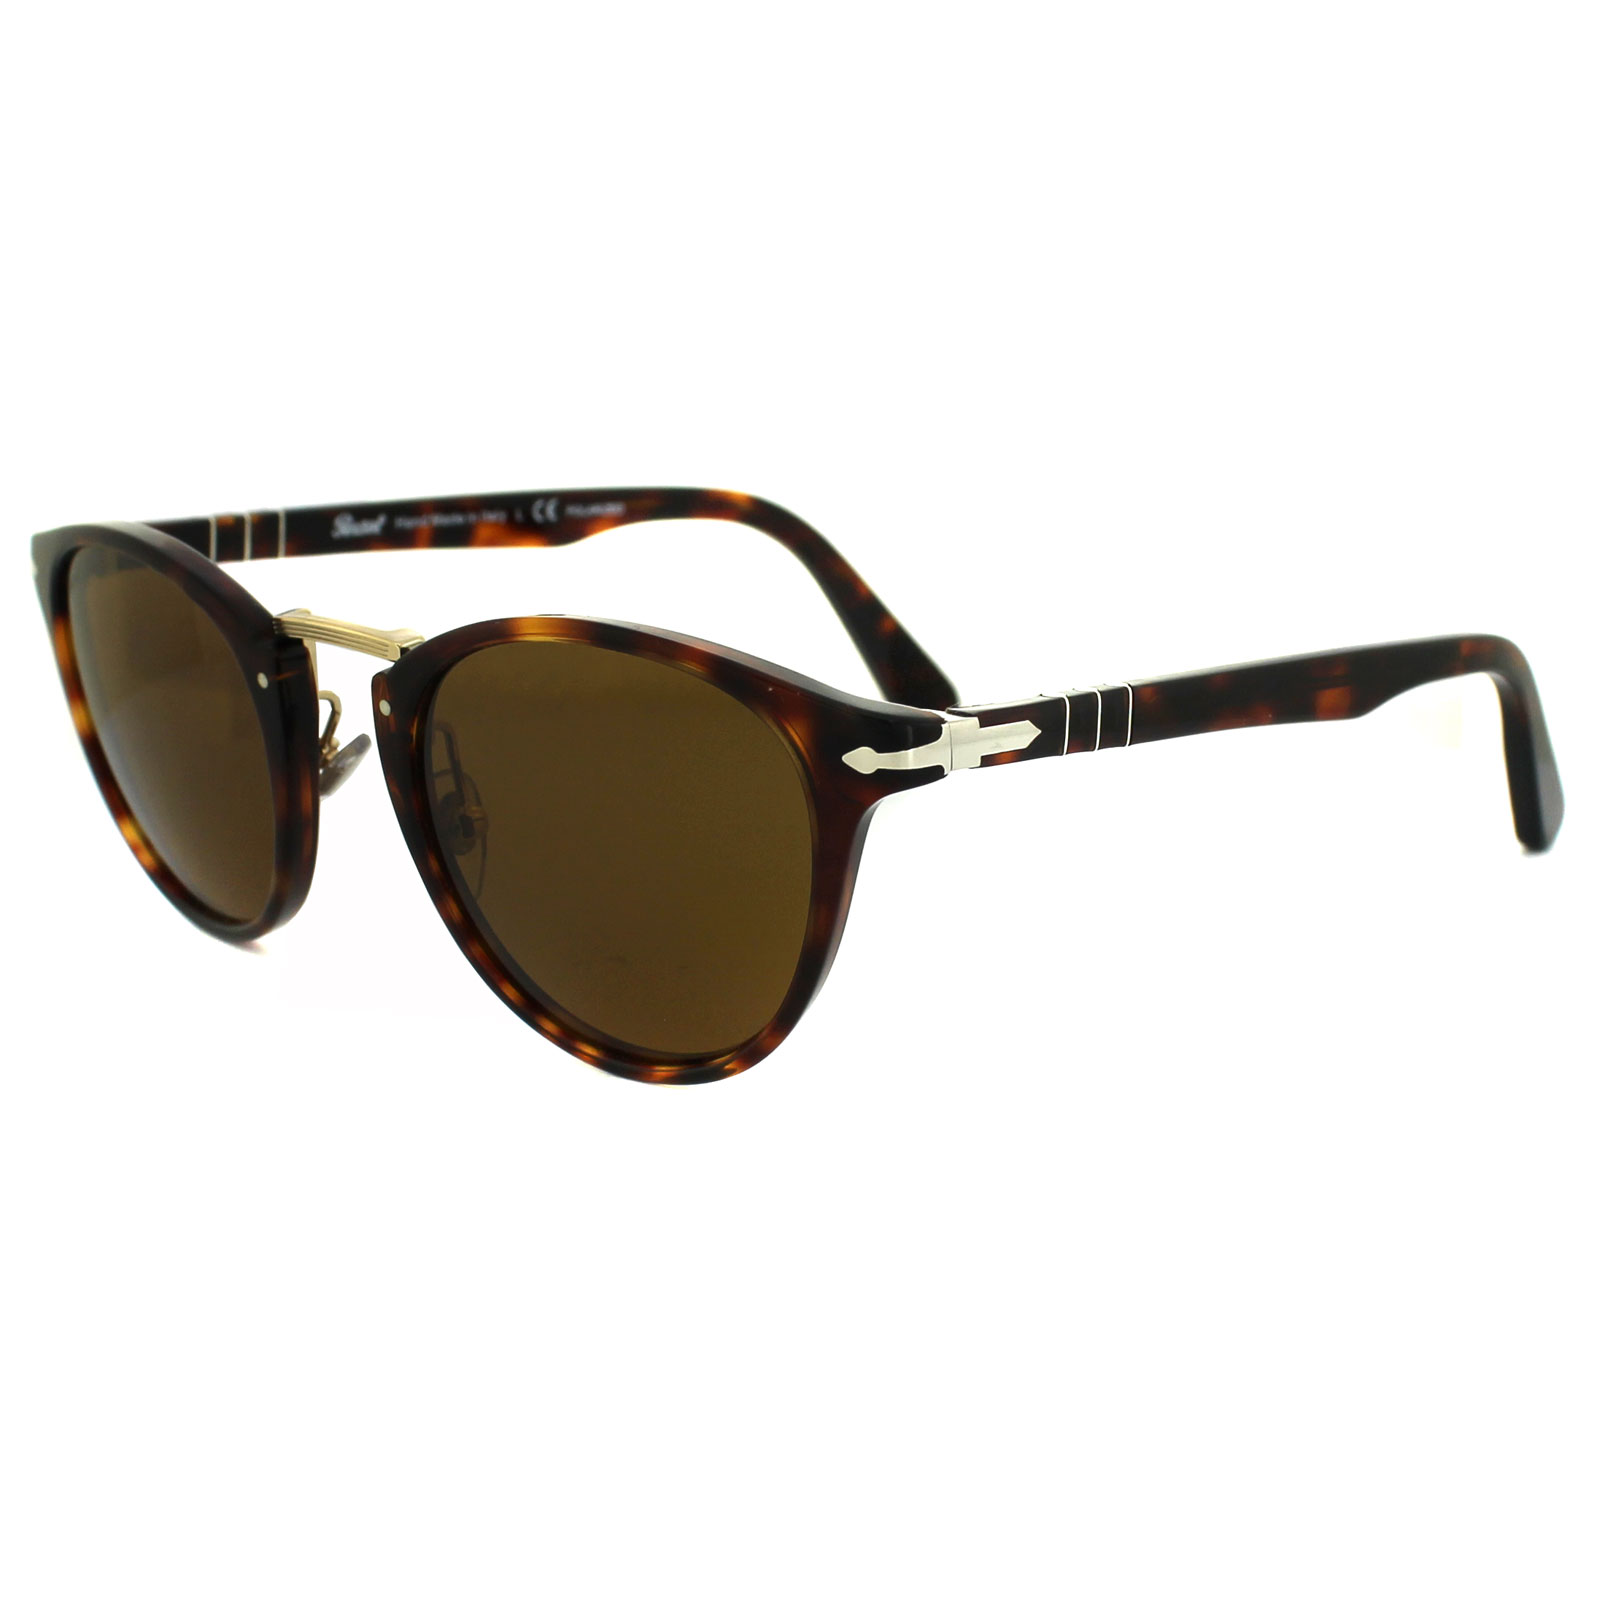 4257356ec99 Persol Sunglasses 3108S 24 33 Havana Brown 8053672358360